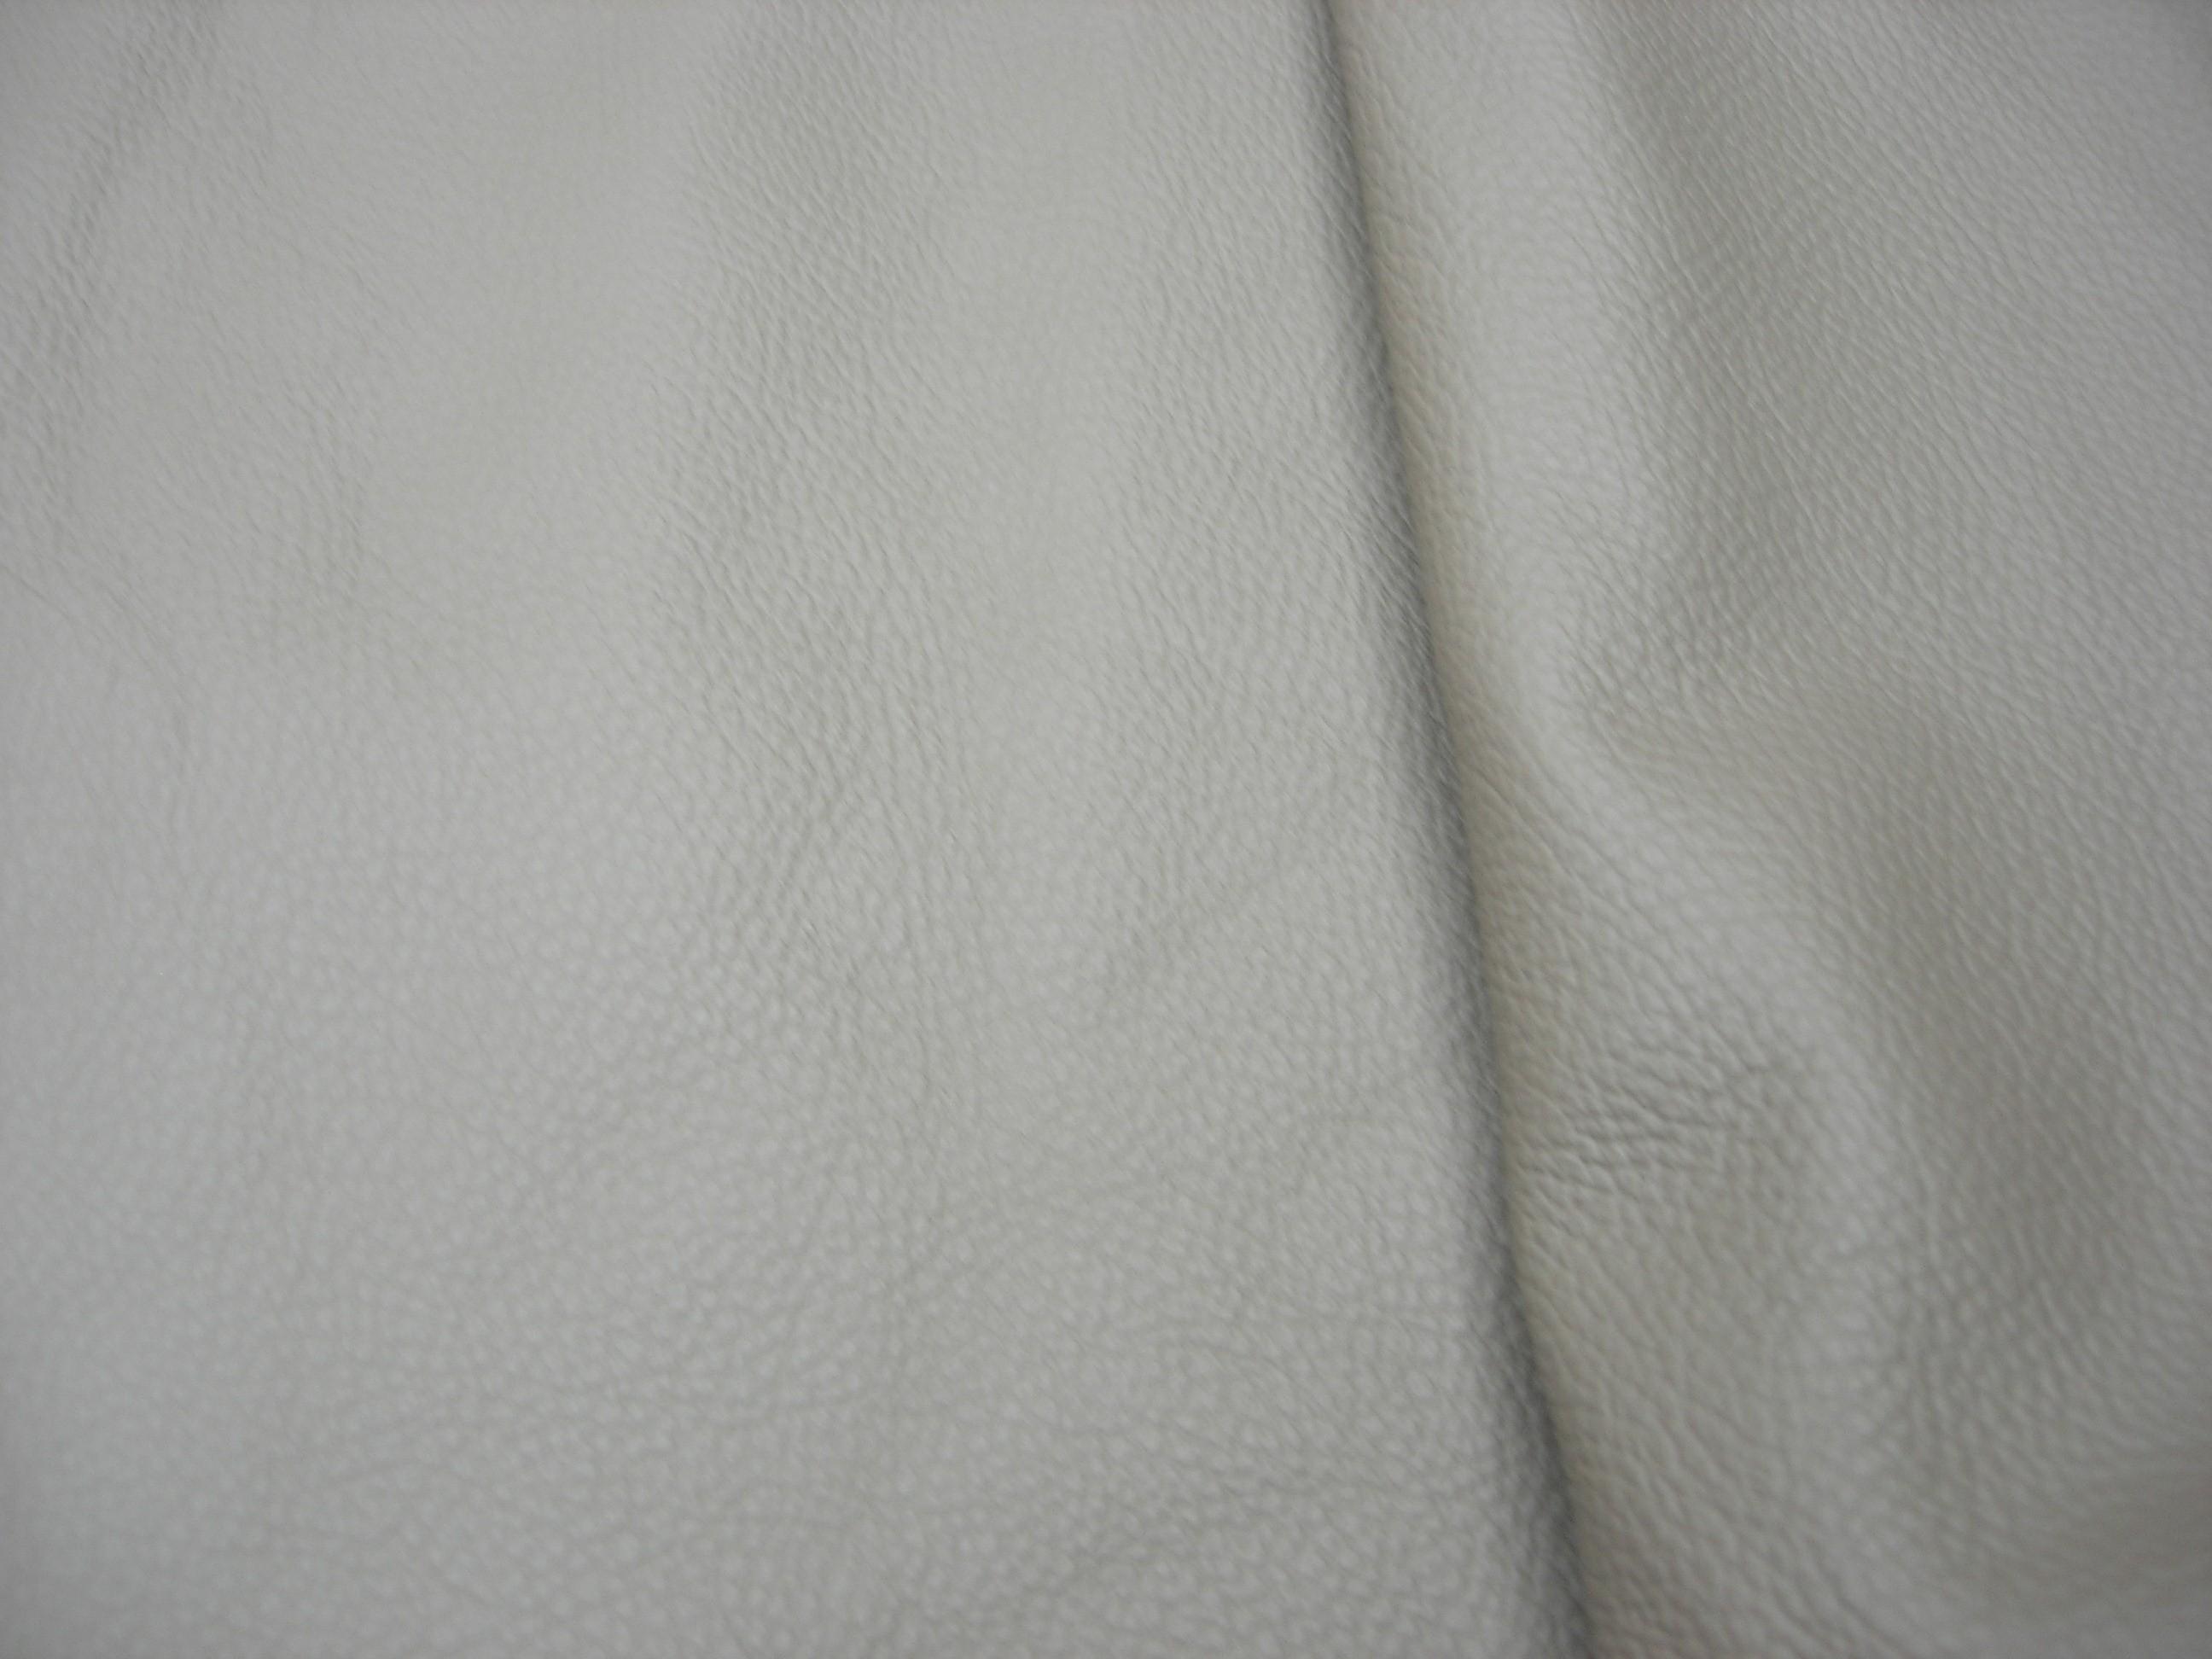 Möbelleder  graubeige 1,3mm gedeckt (E191150KGRBE) Zur Zeit ausverkauft